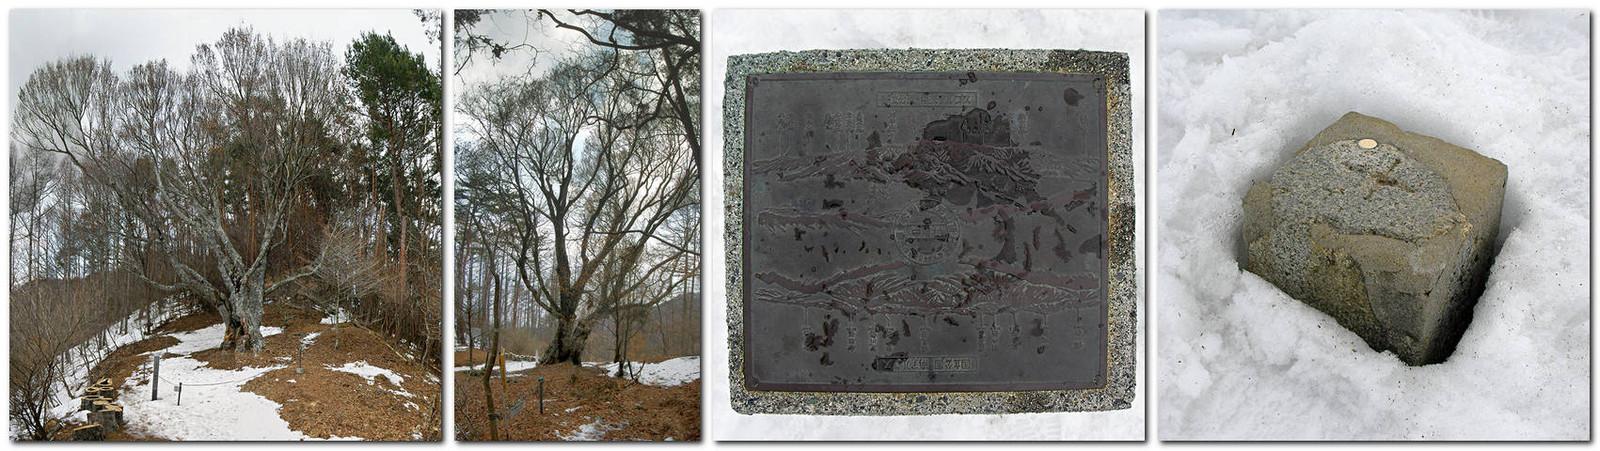 2014年3月16日丸尾のブナと陣馬形山頂上碑&三角点